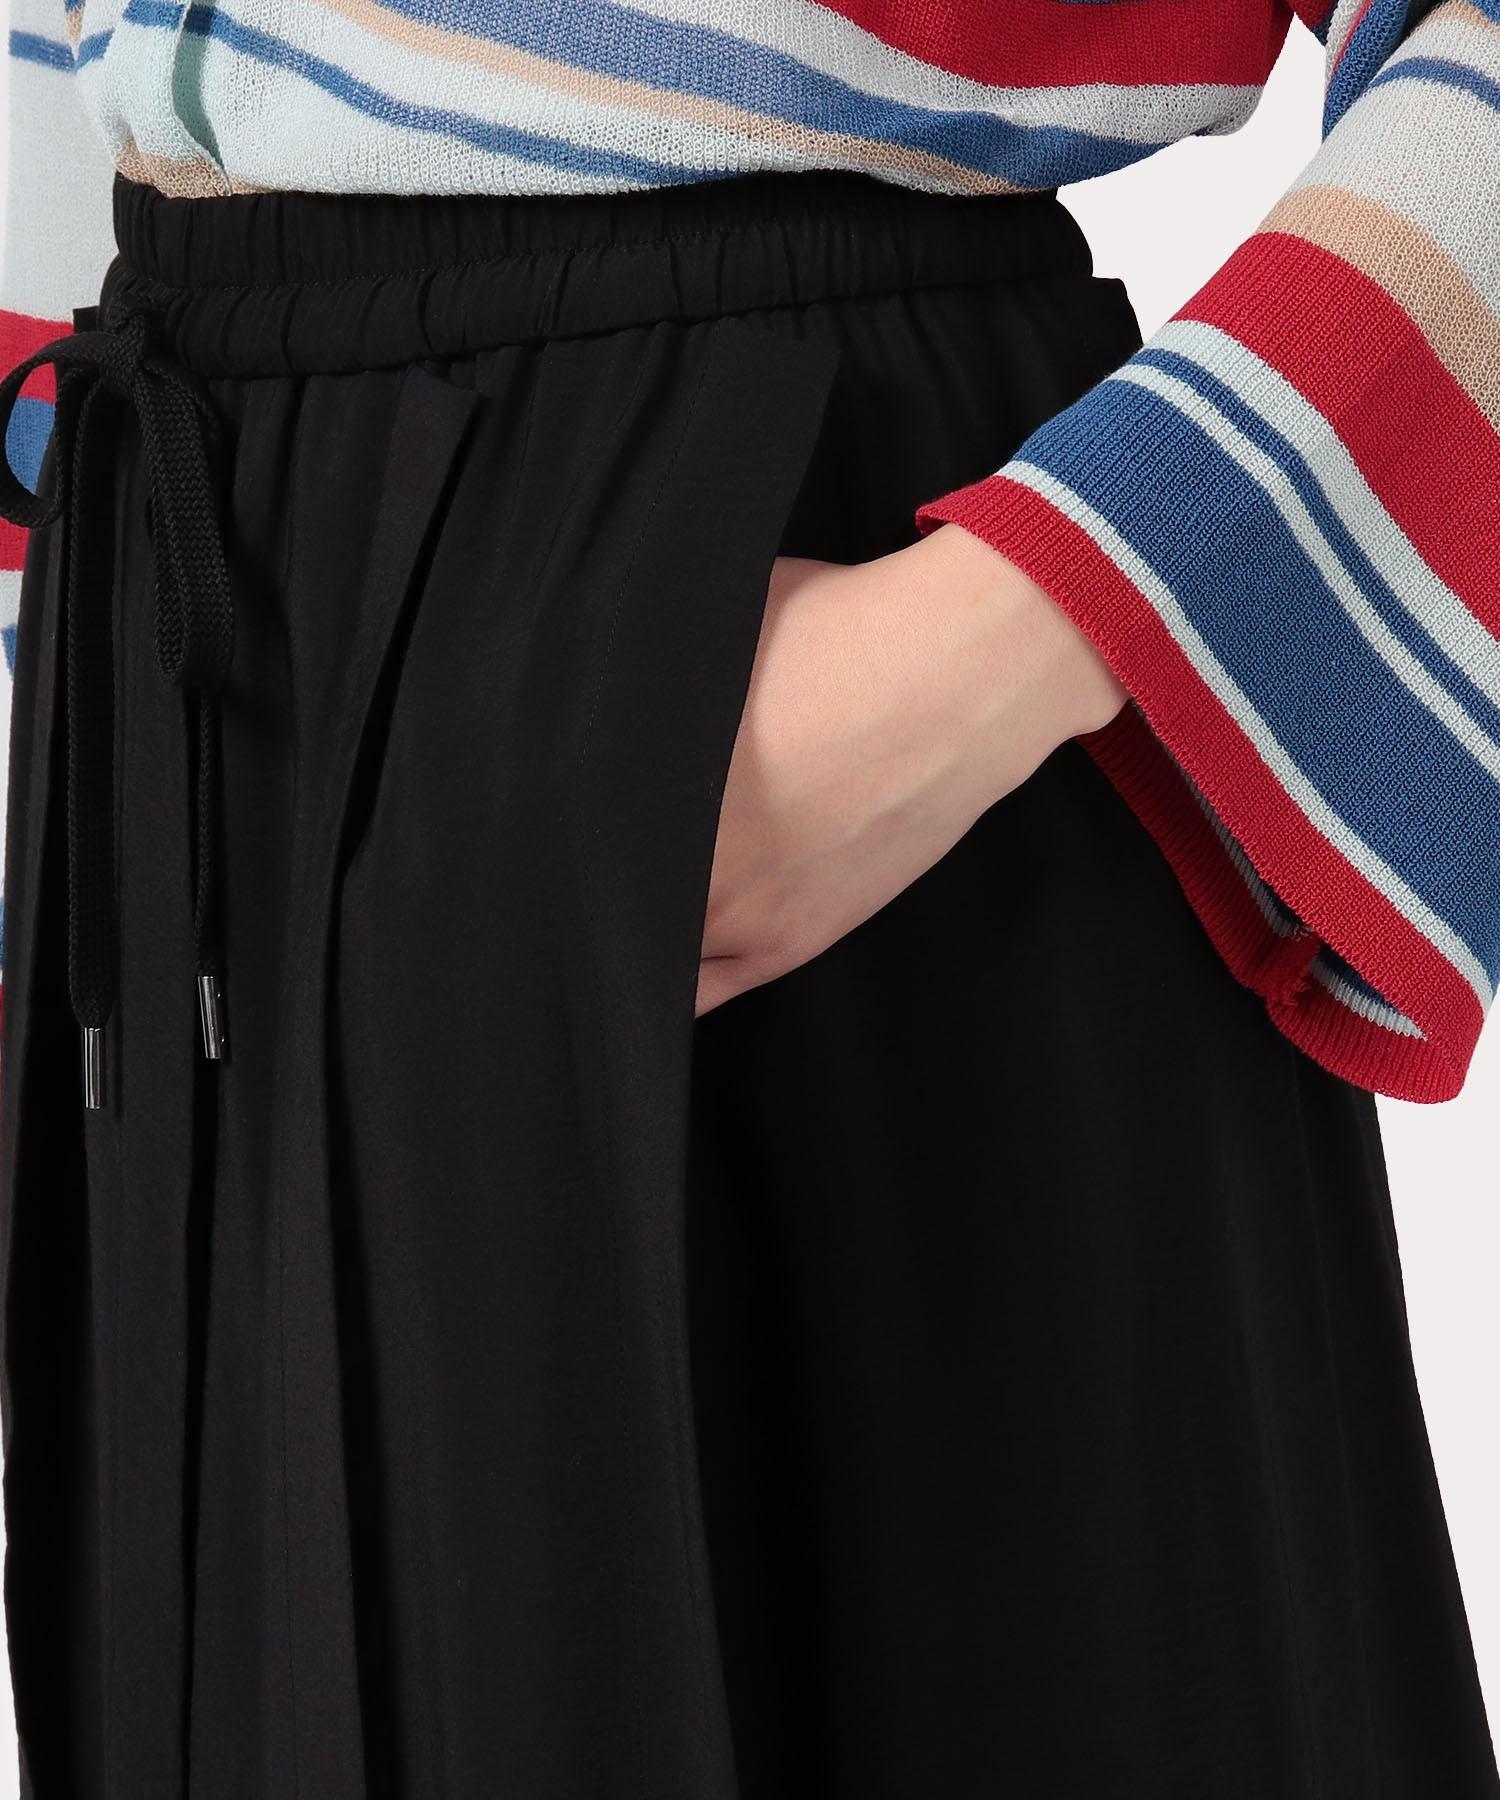 モノポリーポプリン ロングプリーツスカート